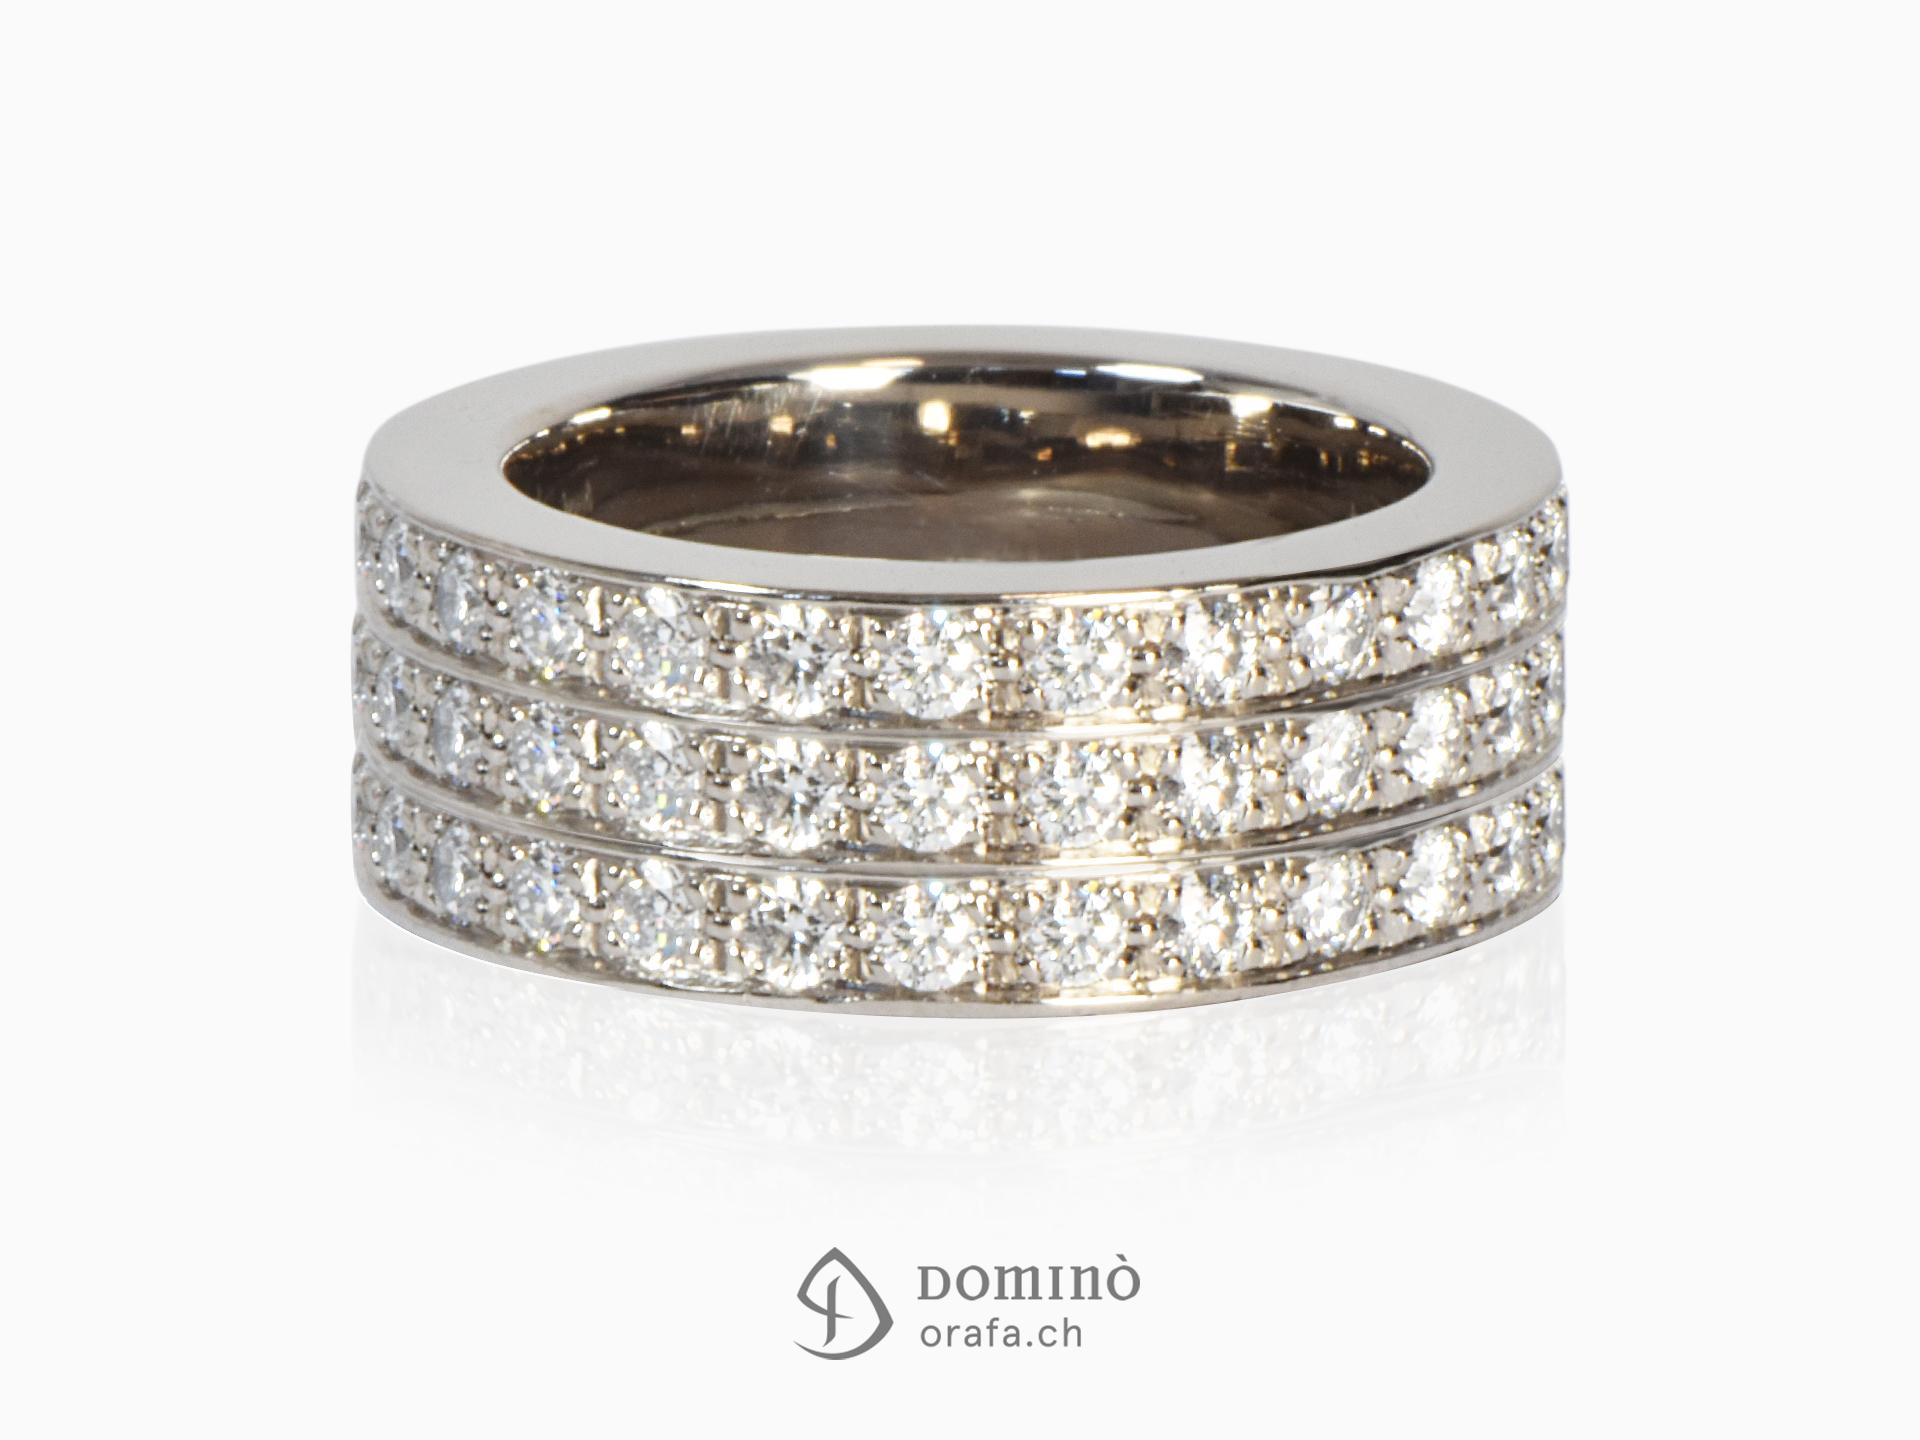 anello-diamanti-incolore-3-file-oro-bianco